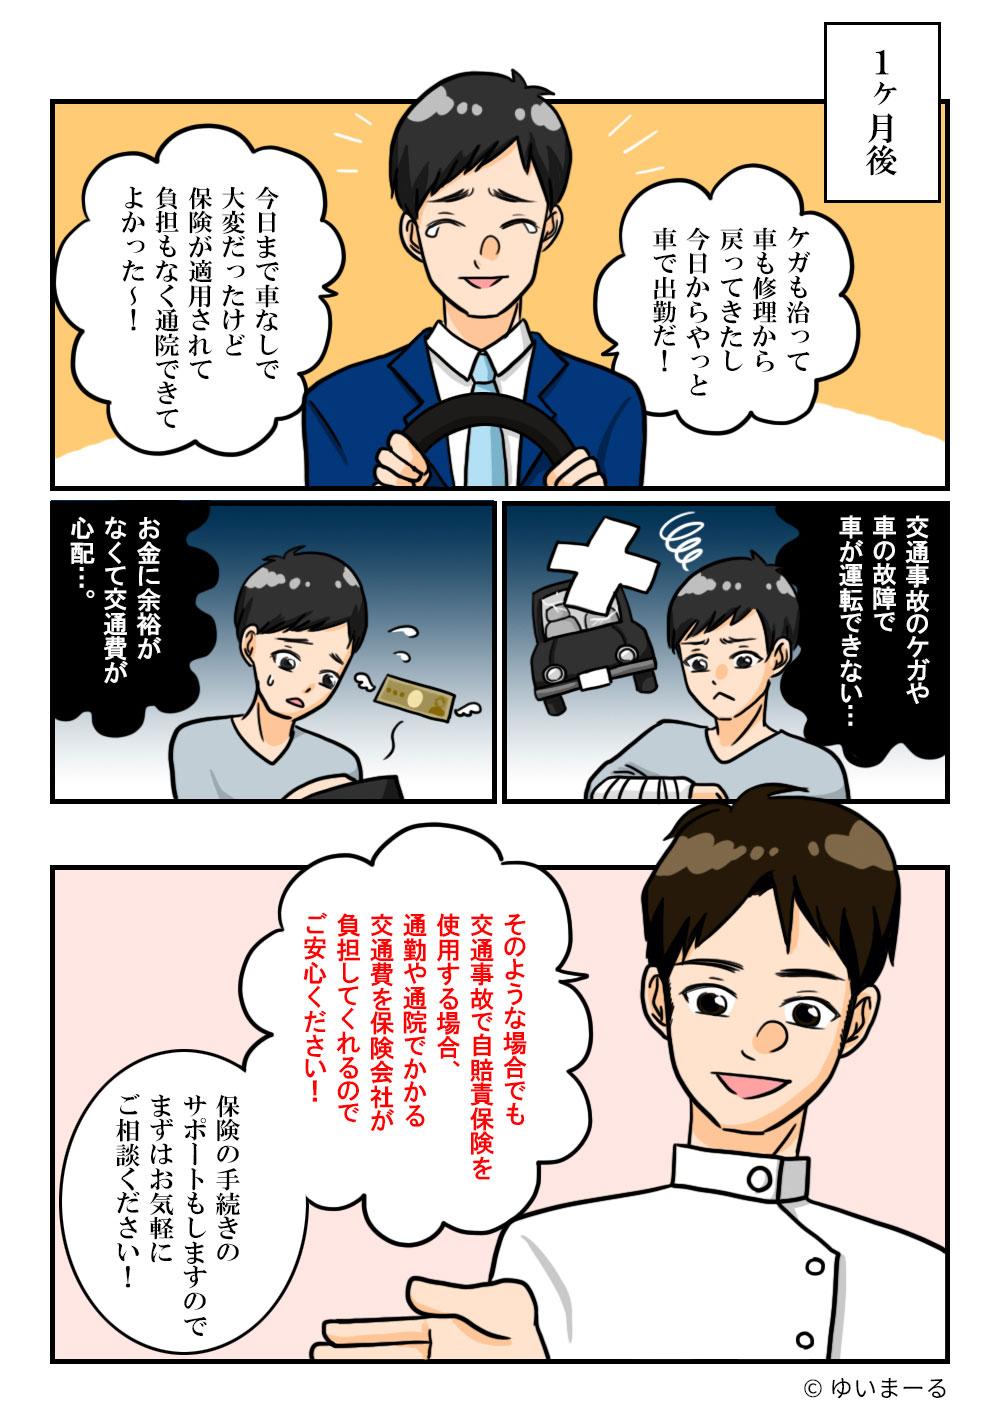 漫画5-5